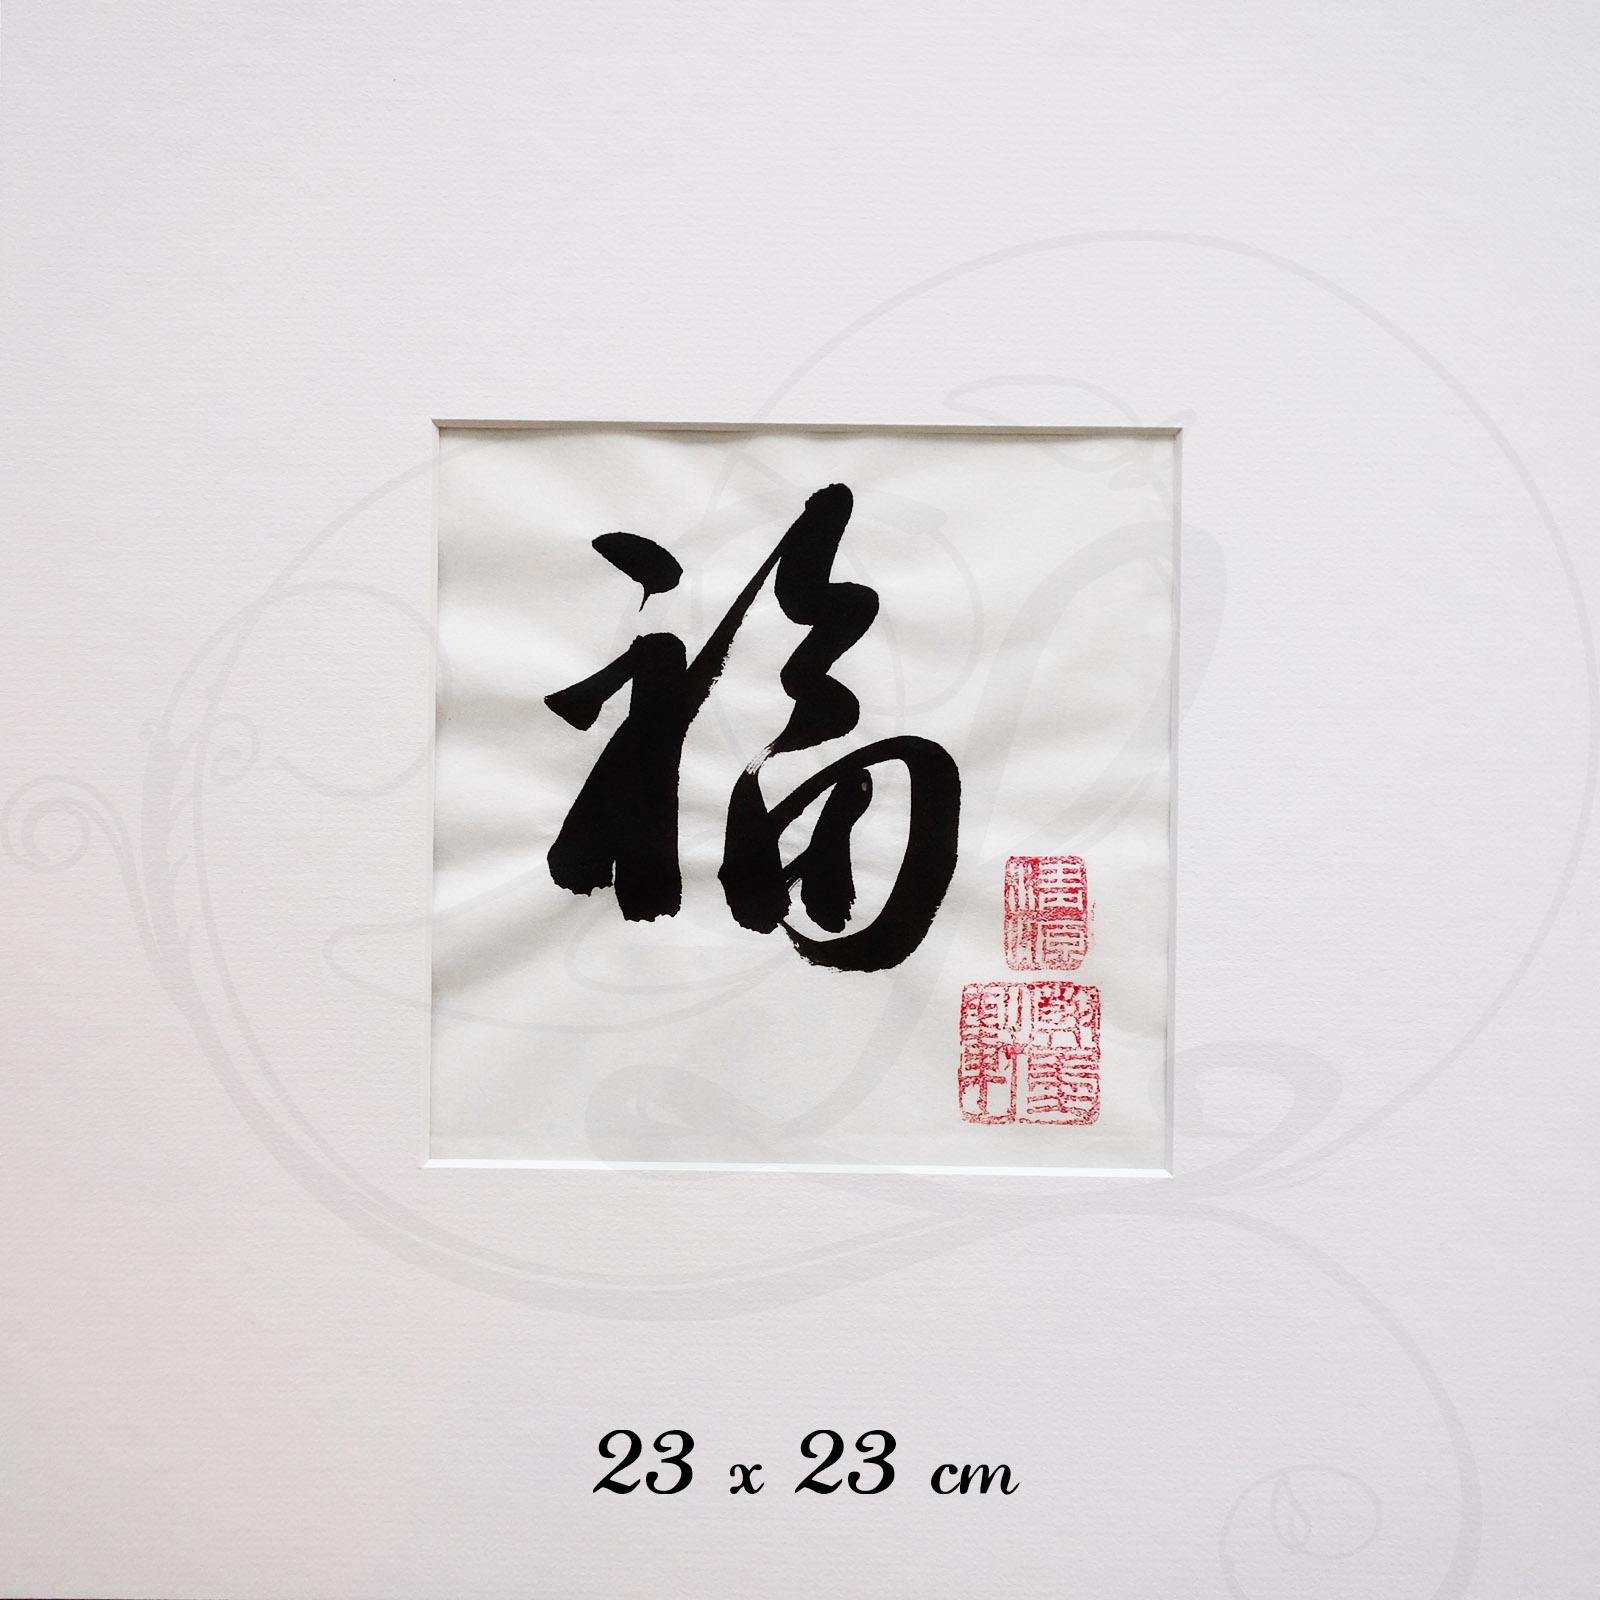 Exceptionnel Vertus Xing Shu | Legendart RD54